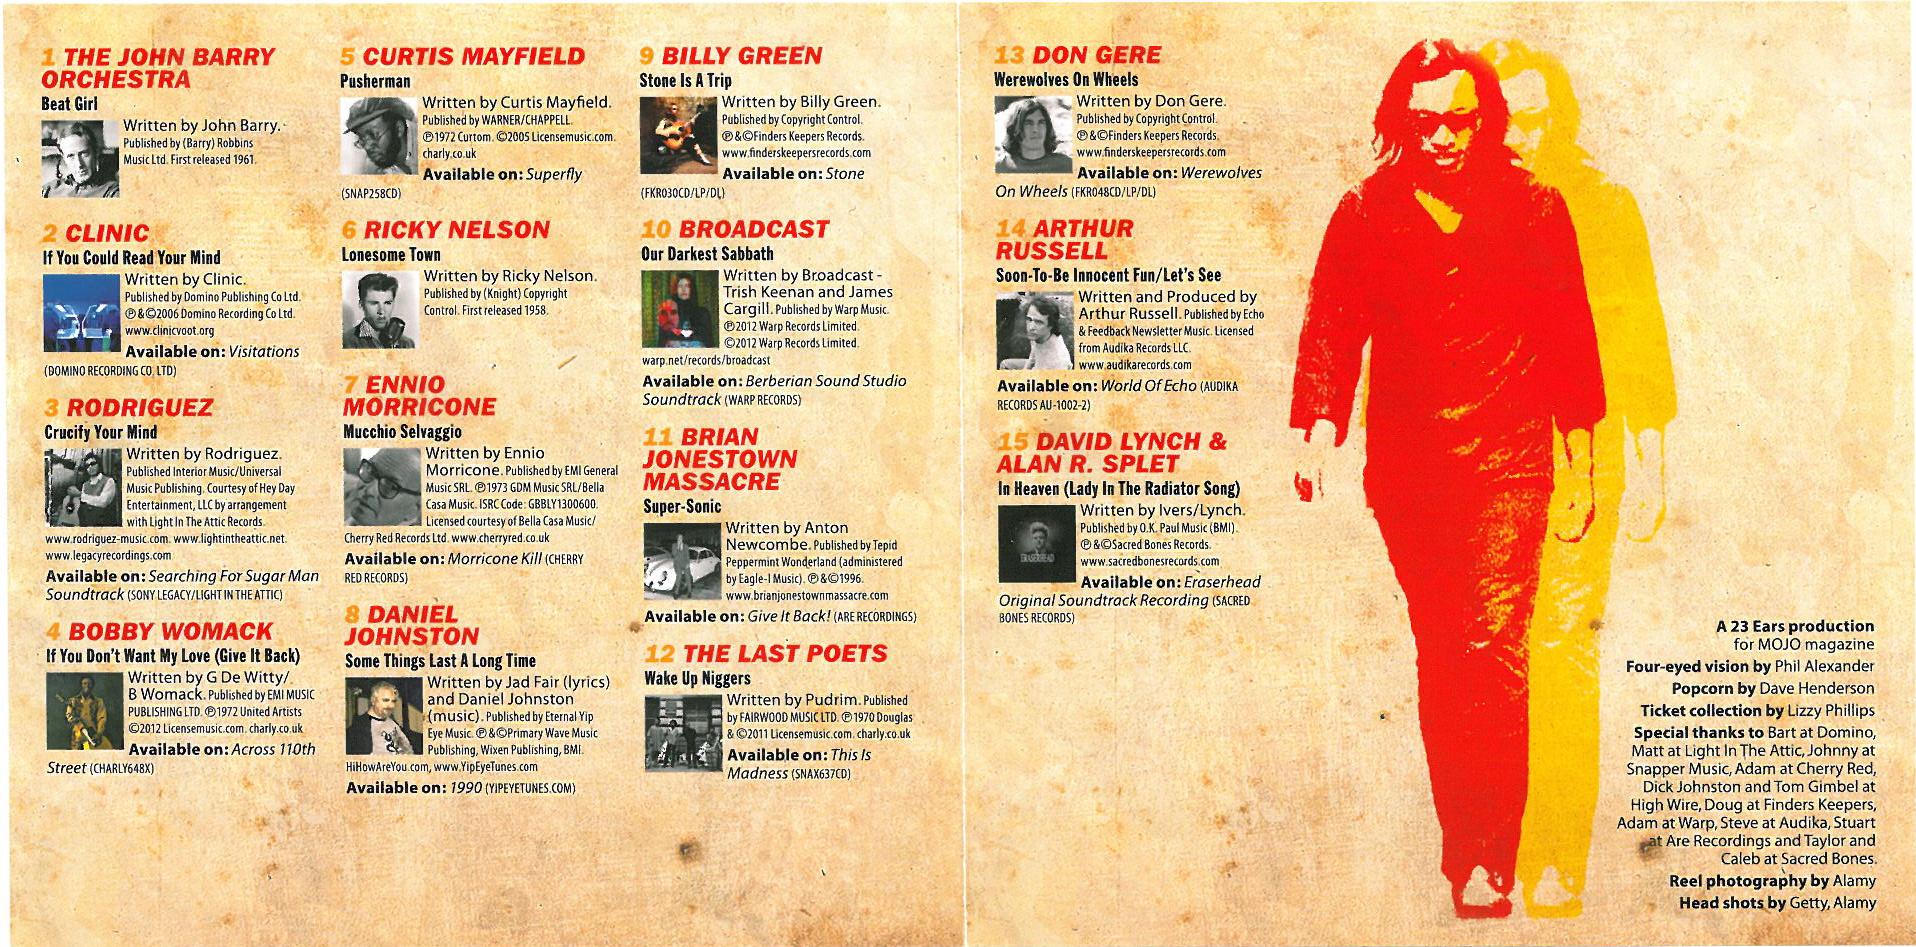 Mojo April 2013 - CD Inside Cover